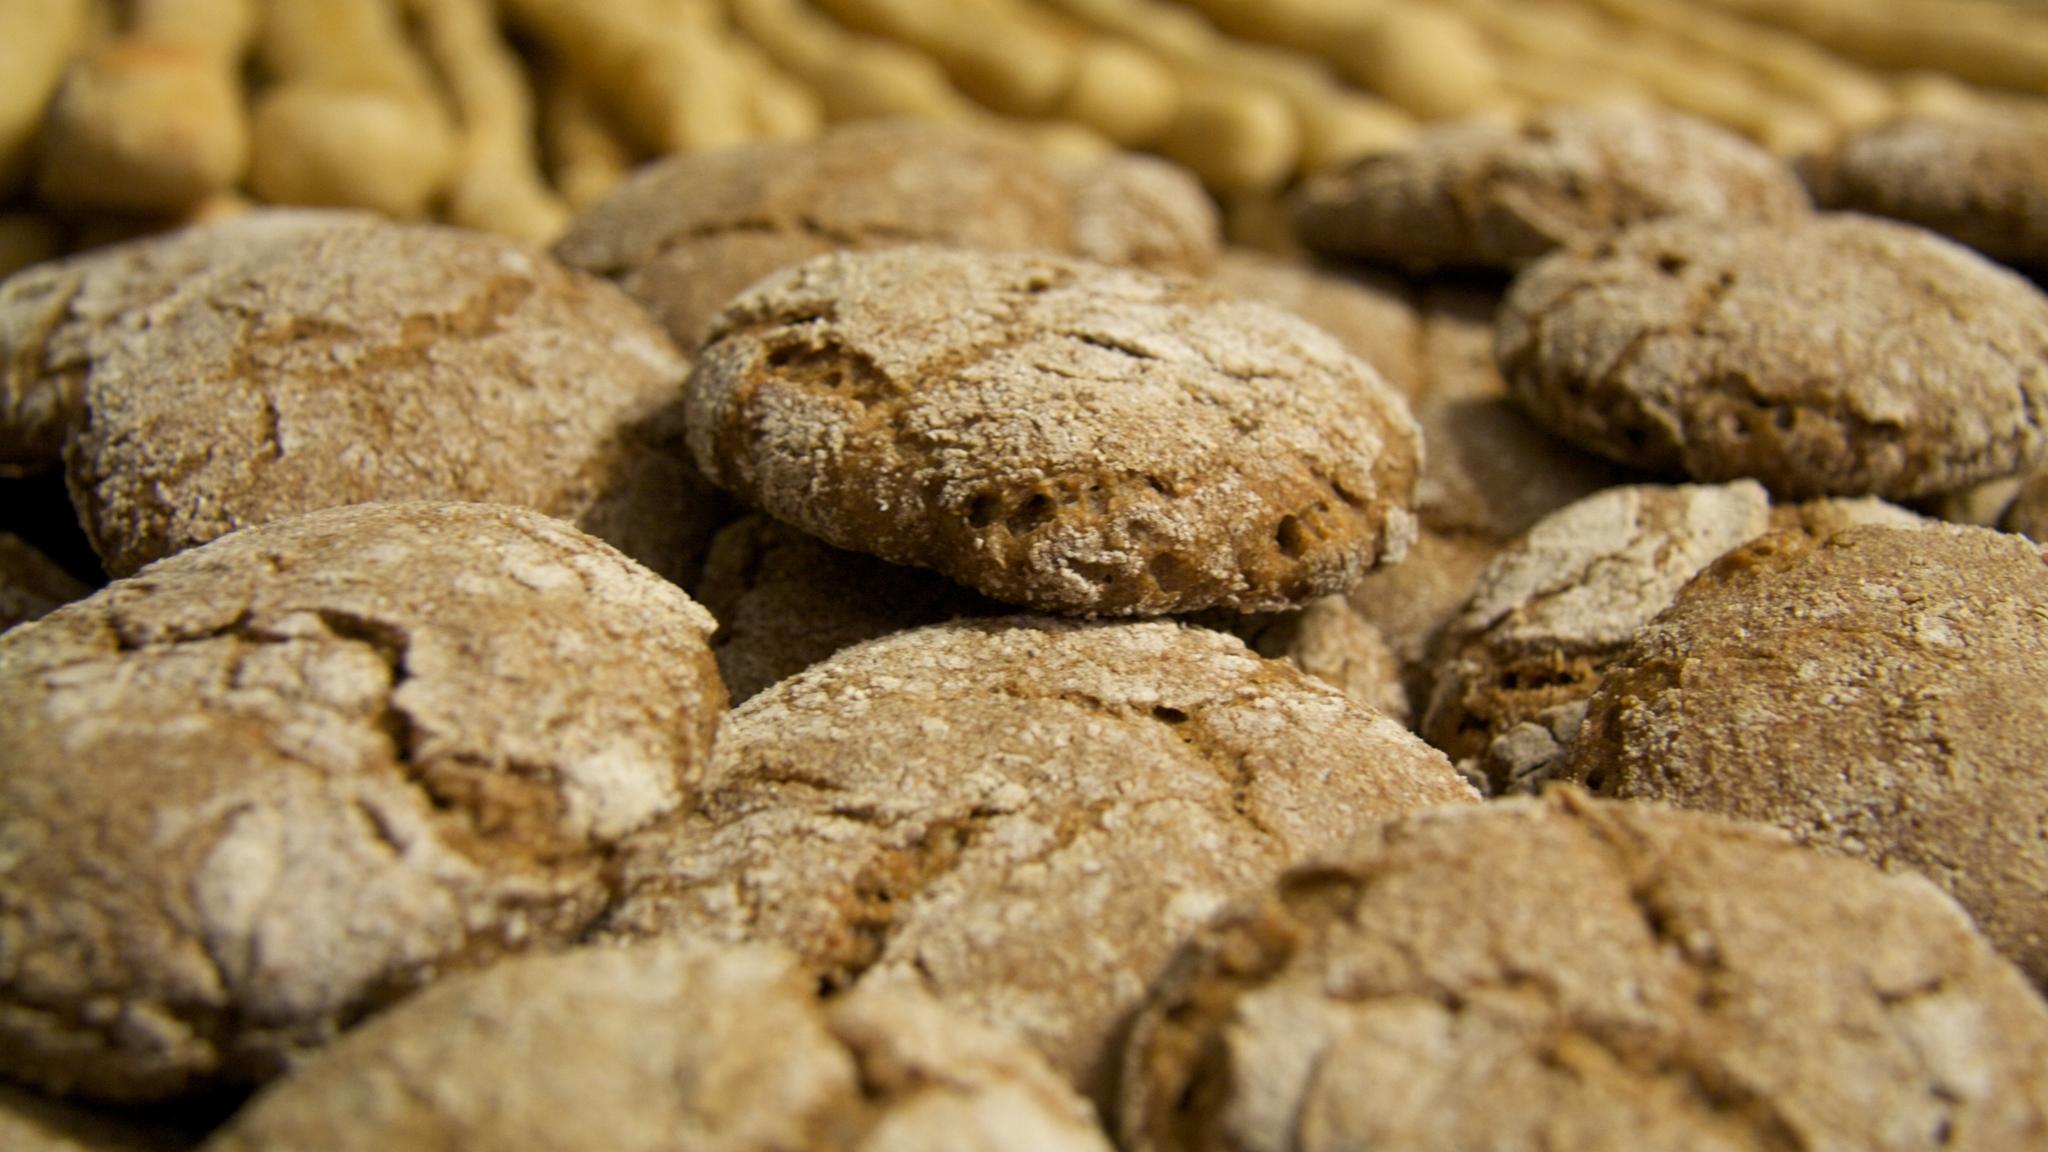 Taikinajuureen tehty ruisleipä on terveysruokaa suolistolle